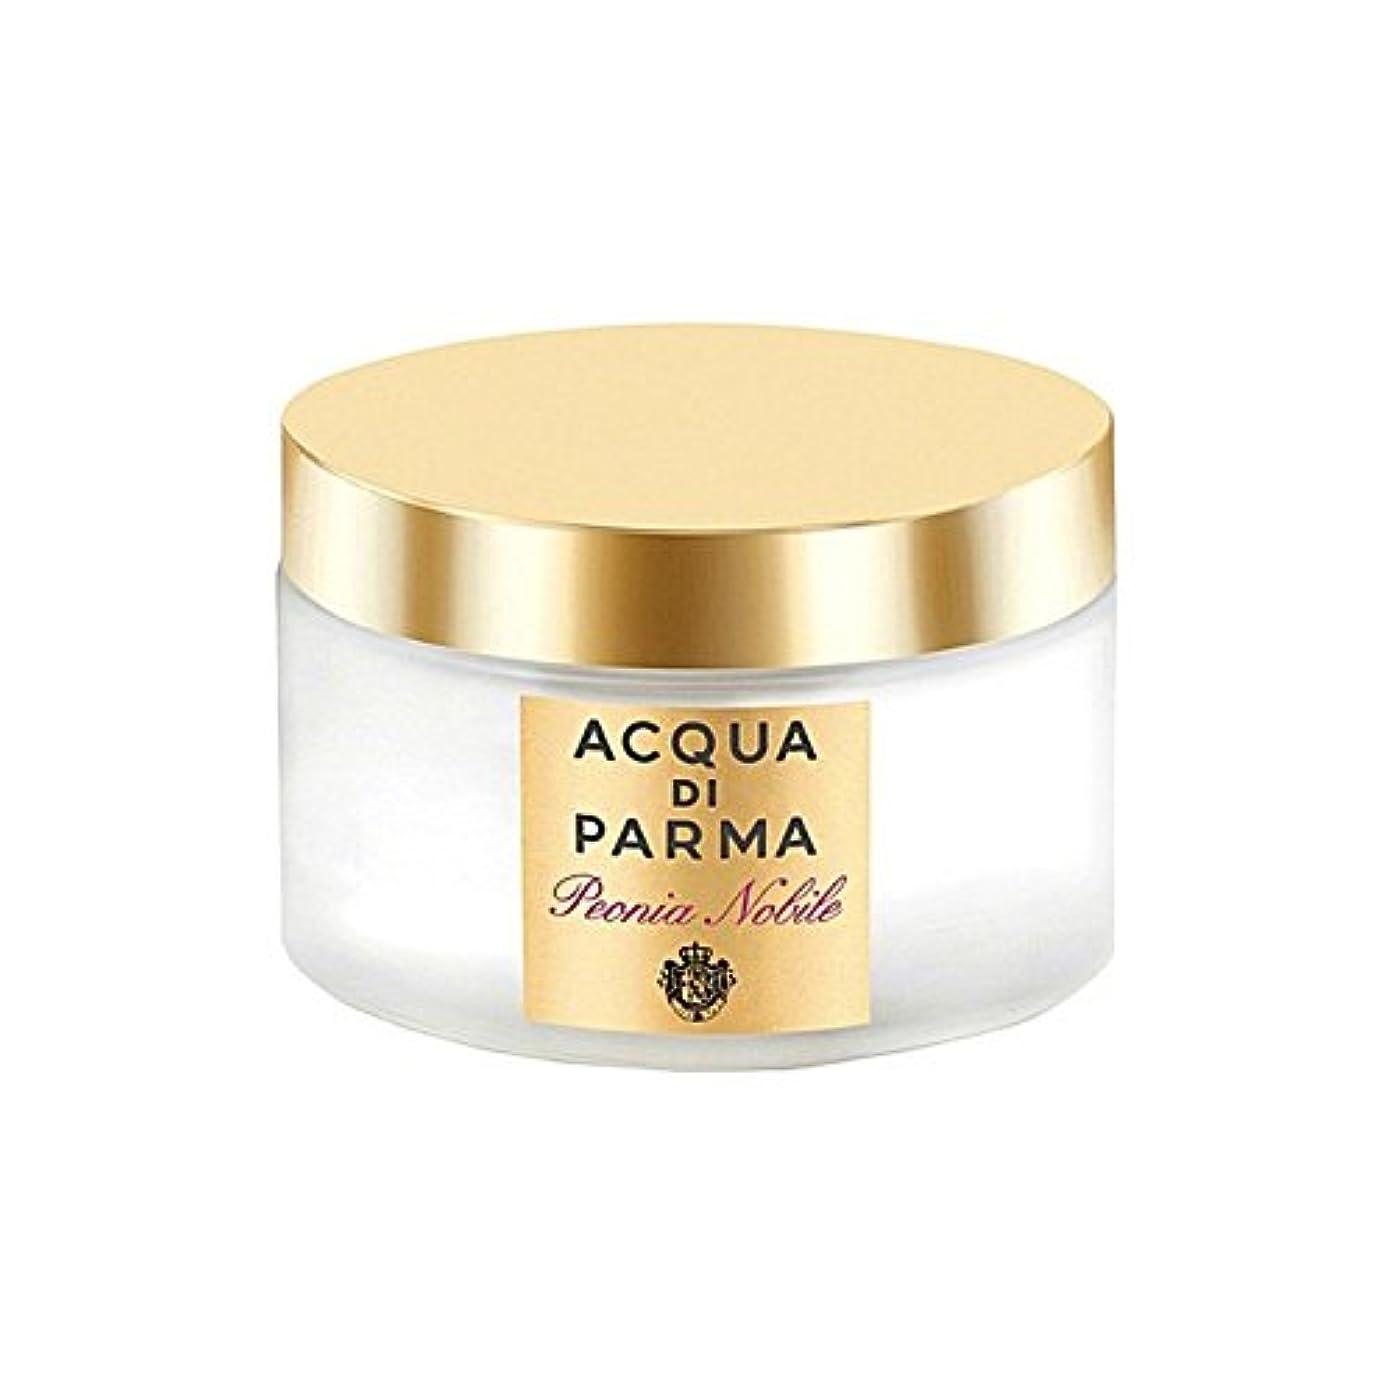 シェーバーパケット基本的なAcqua Di Parma Peonia Nobile Body Cream 150ml (Pack of 6) - アクアディパルマノビレボディクリーム150ミリリットル x6 [並行輸入品]